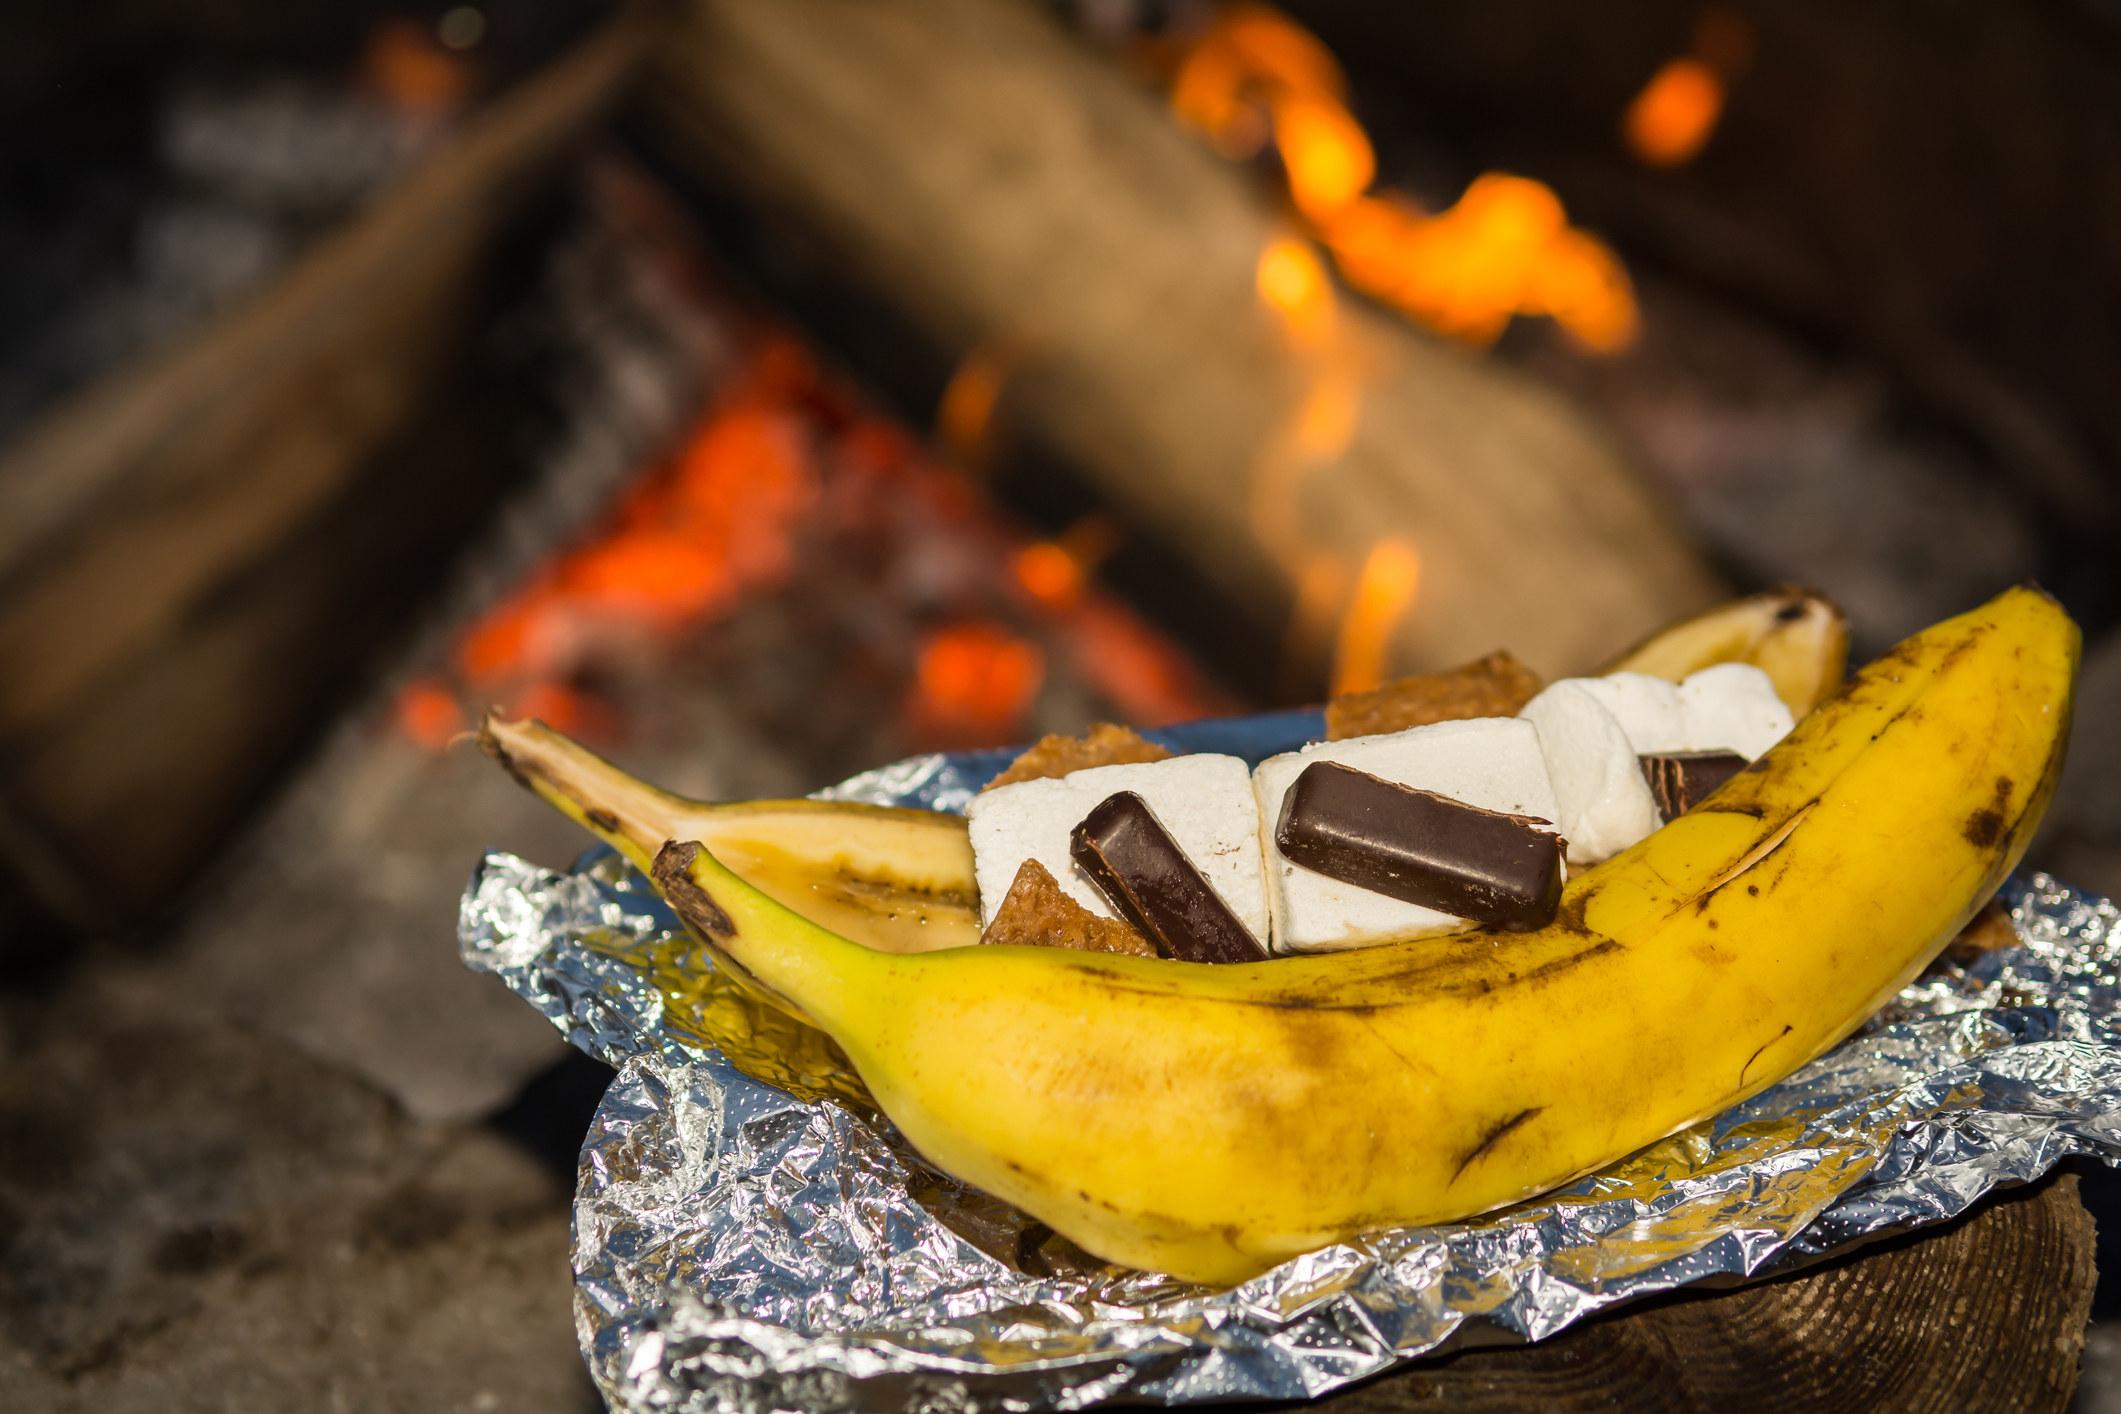 Banana boat s'mores.